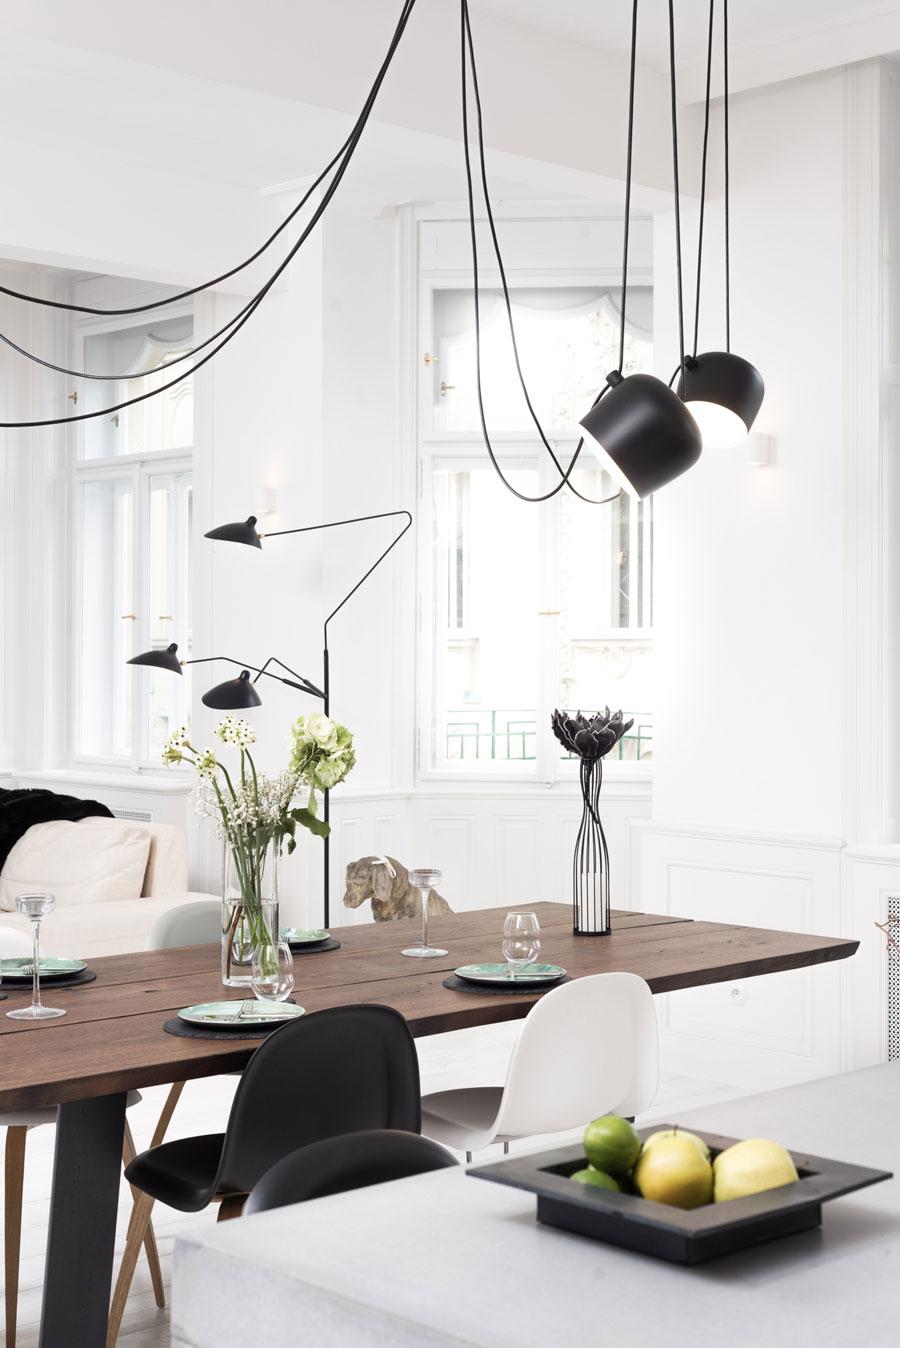 zwarte hanglampen boven eettafel